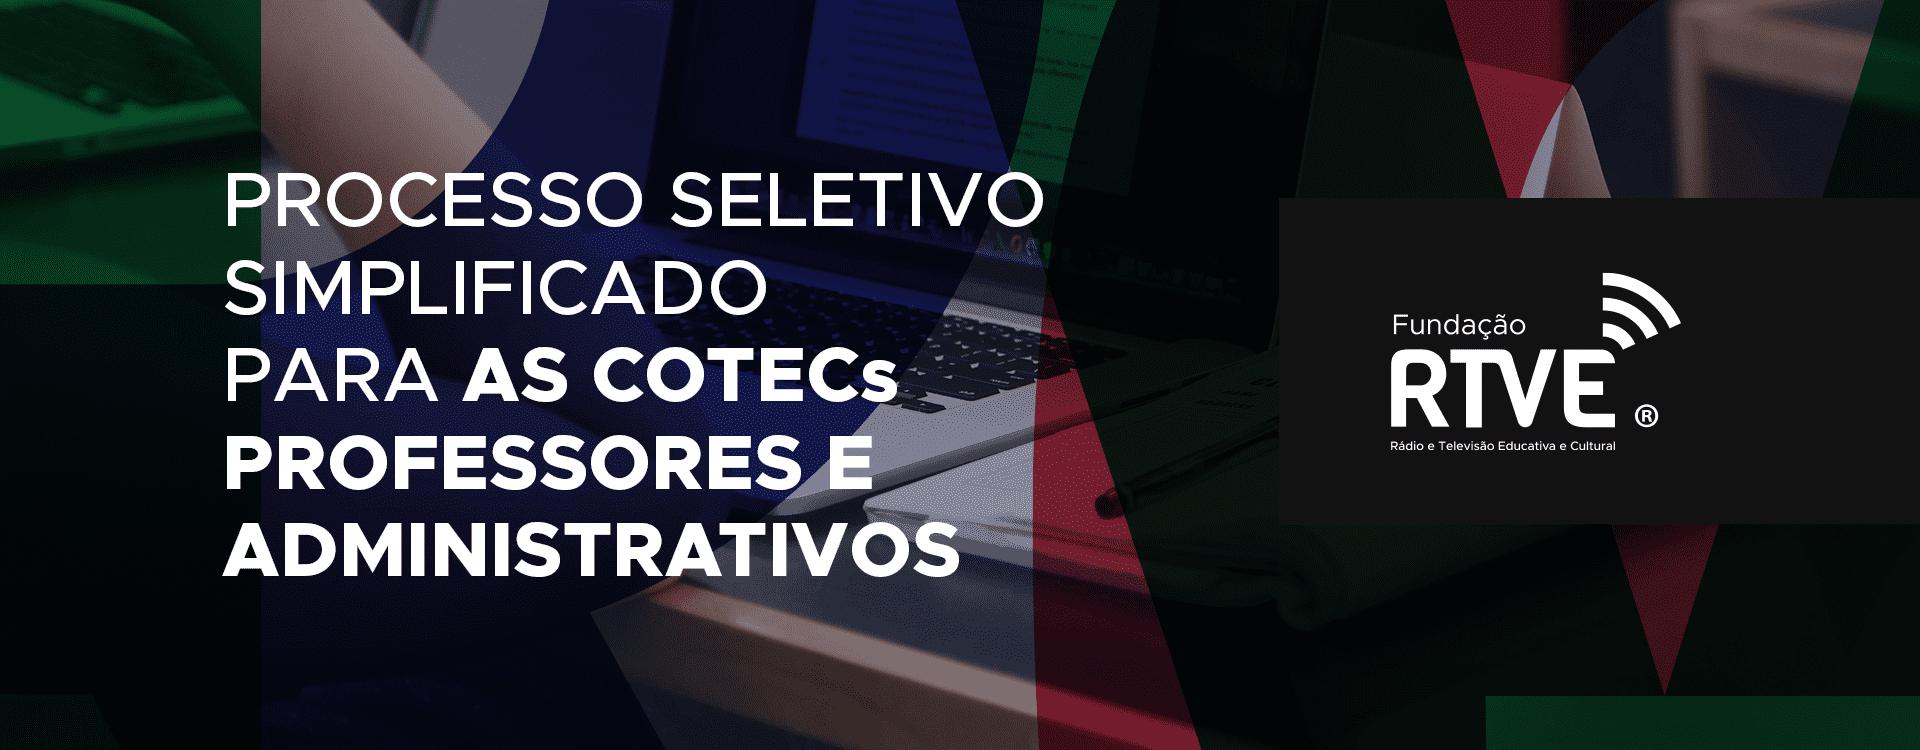 COTECs